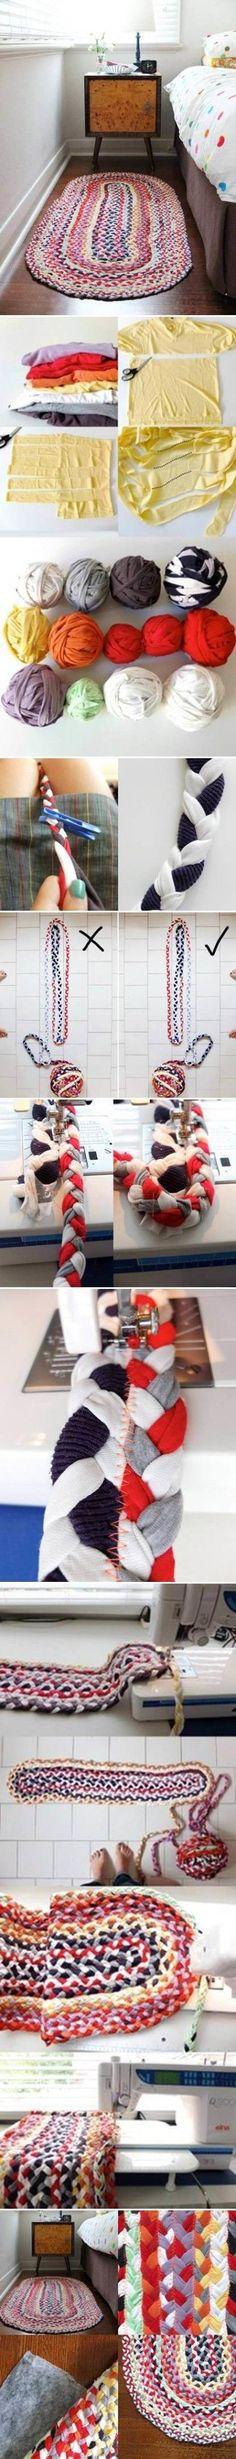 Tシャツヤーンを三つ編みジグザグミシンで楕円形マット